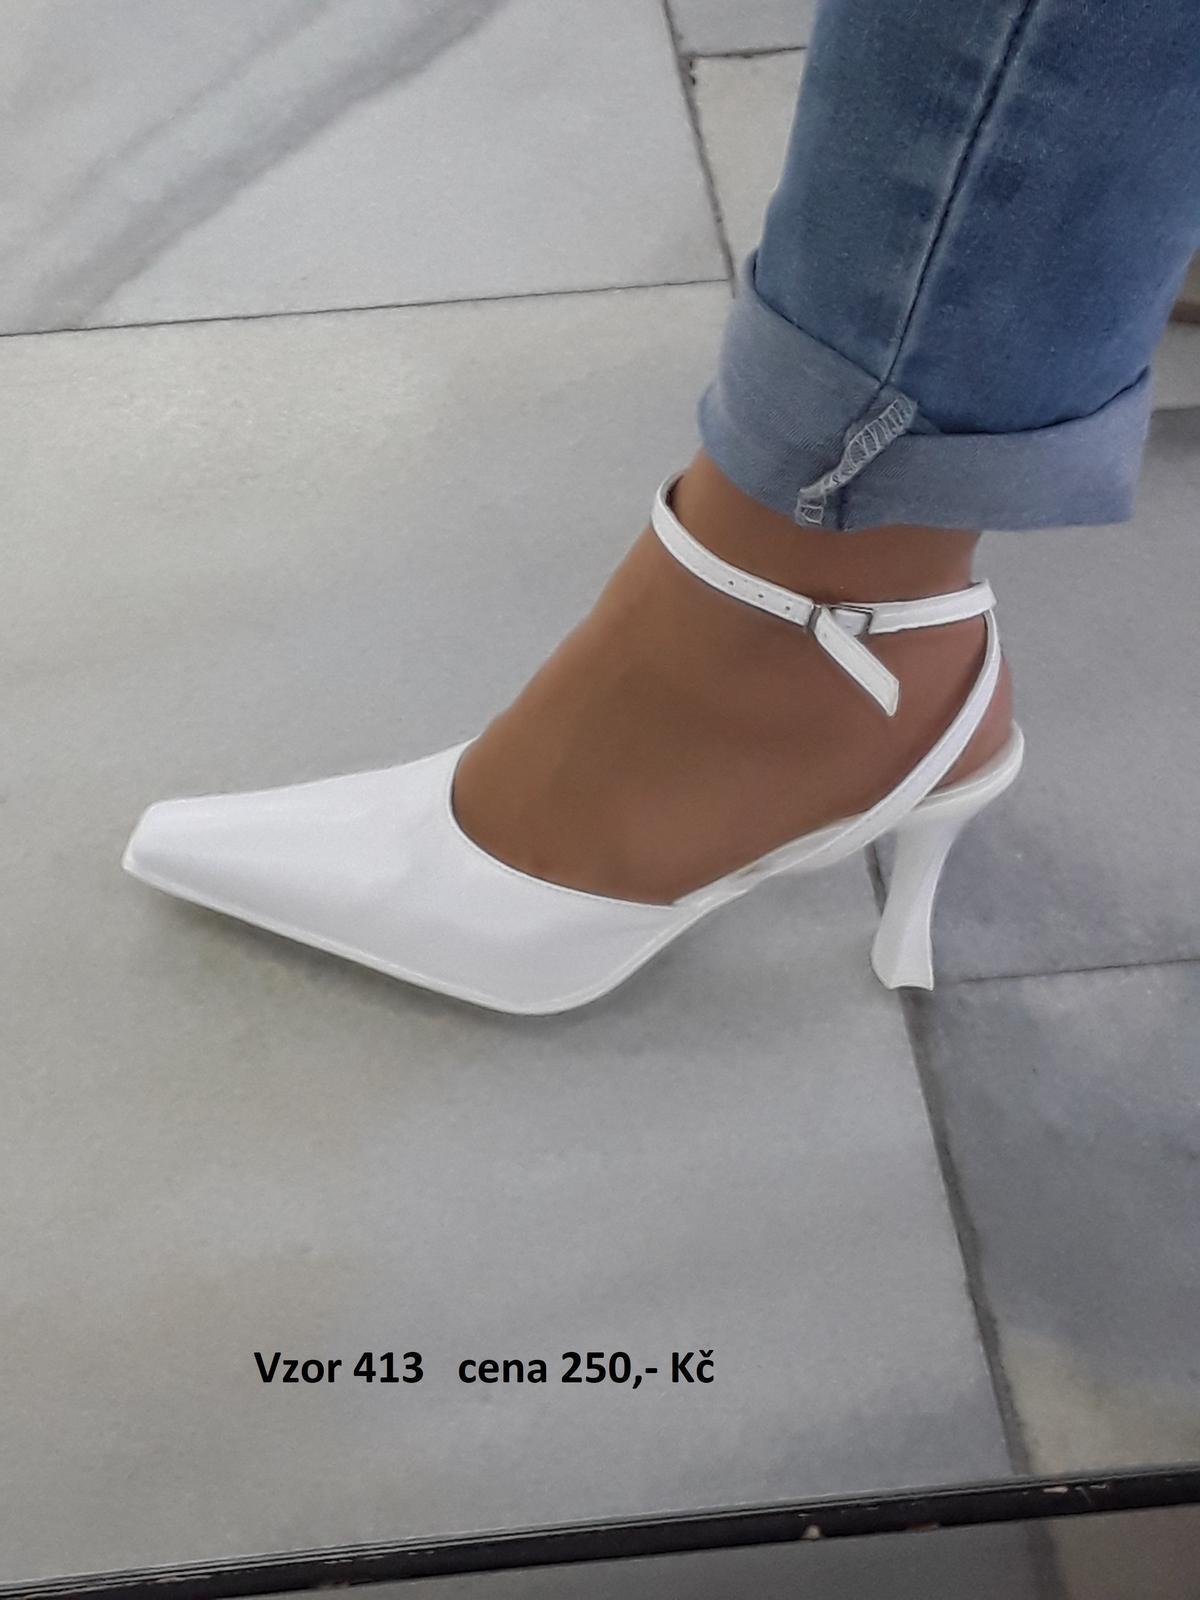 Výprodej obuvi - Obrázek č. 1